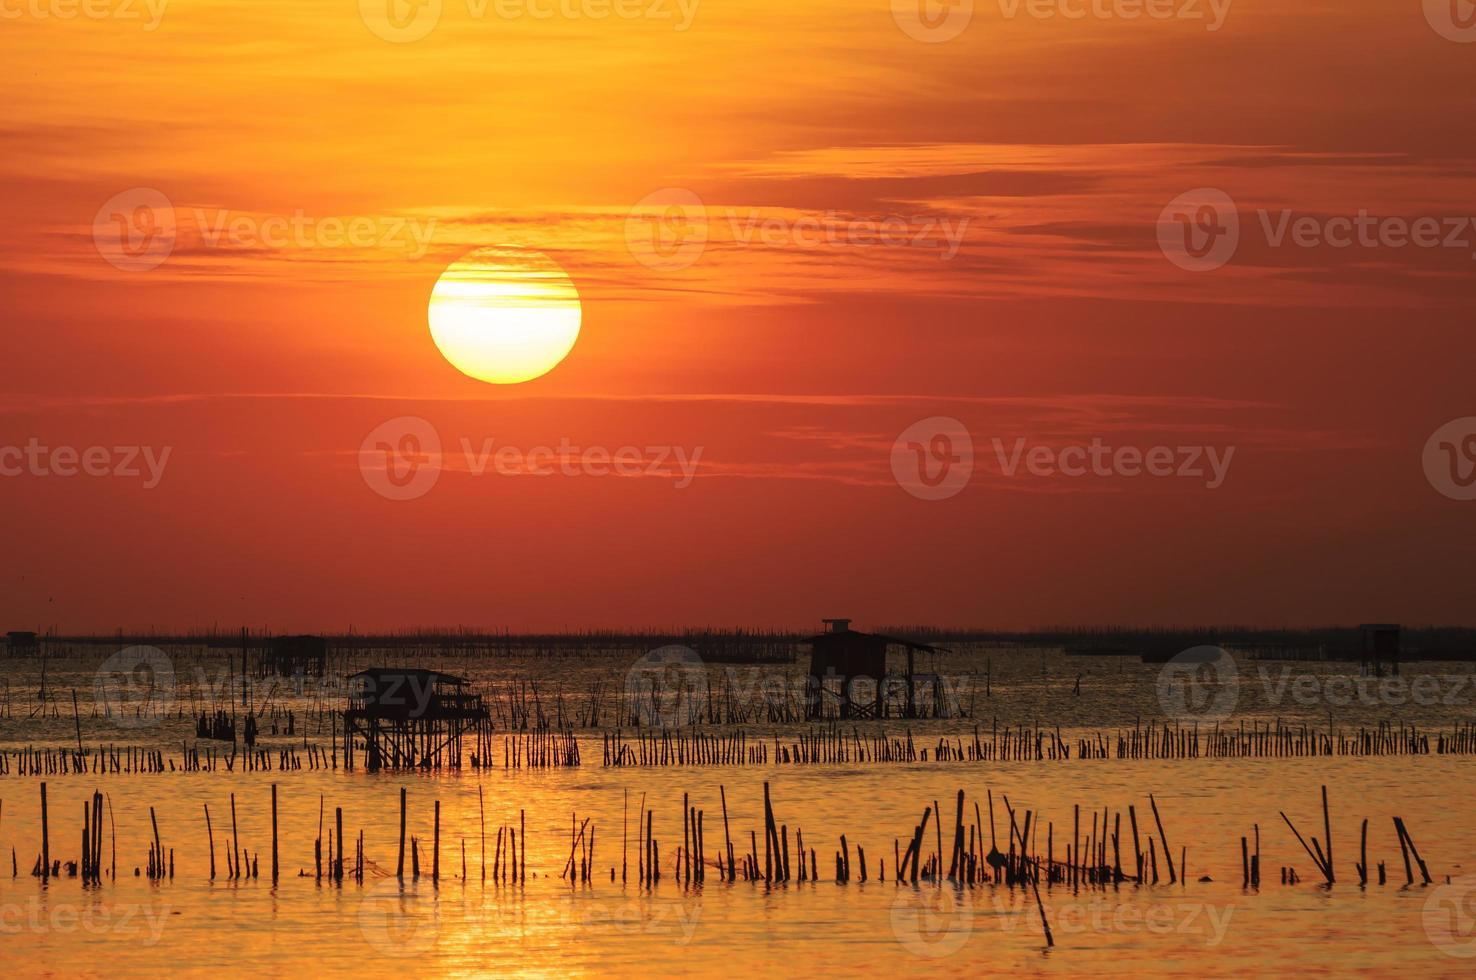 silueta de la casa de pescadores tailandeses al atardecer foto